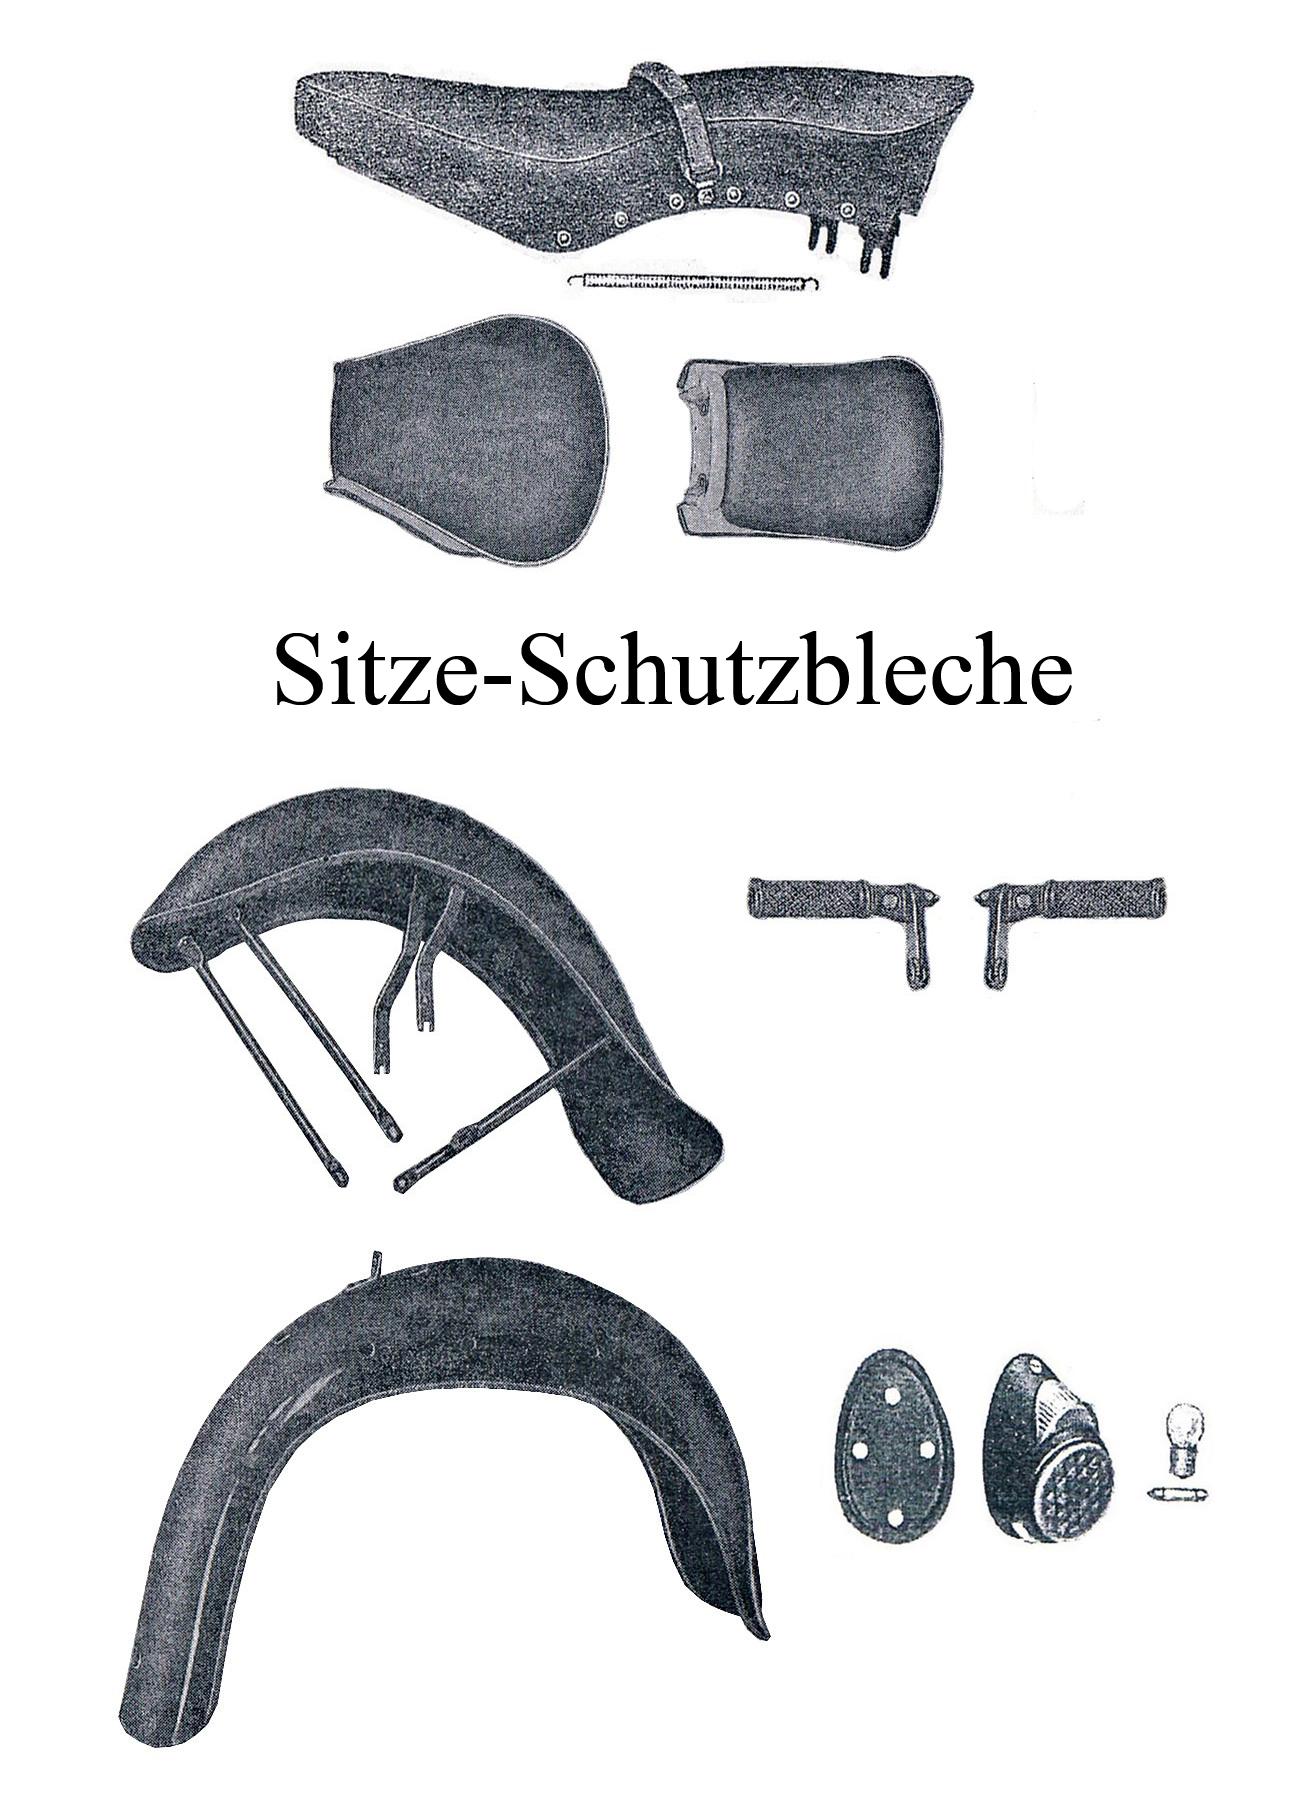 DDR-Motorrad Sport AWO Ersatzteileliste Sitzbank Schutzblech Kotflügel Vorderrad Hinterrad Rücklicht